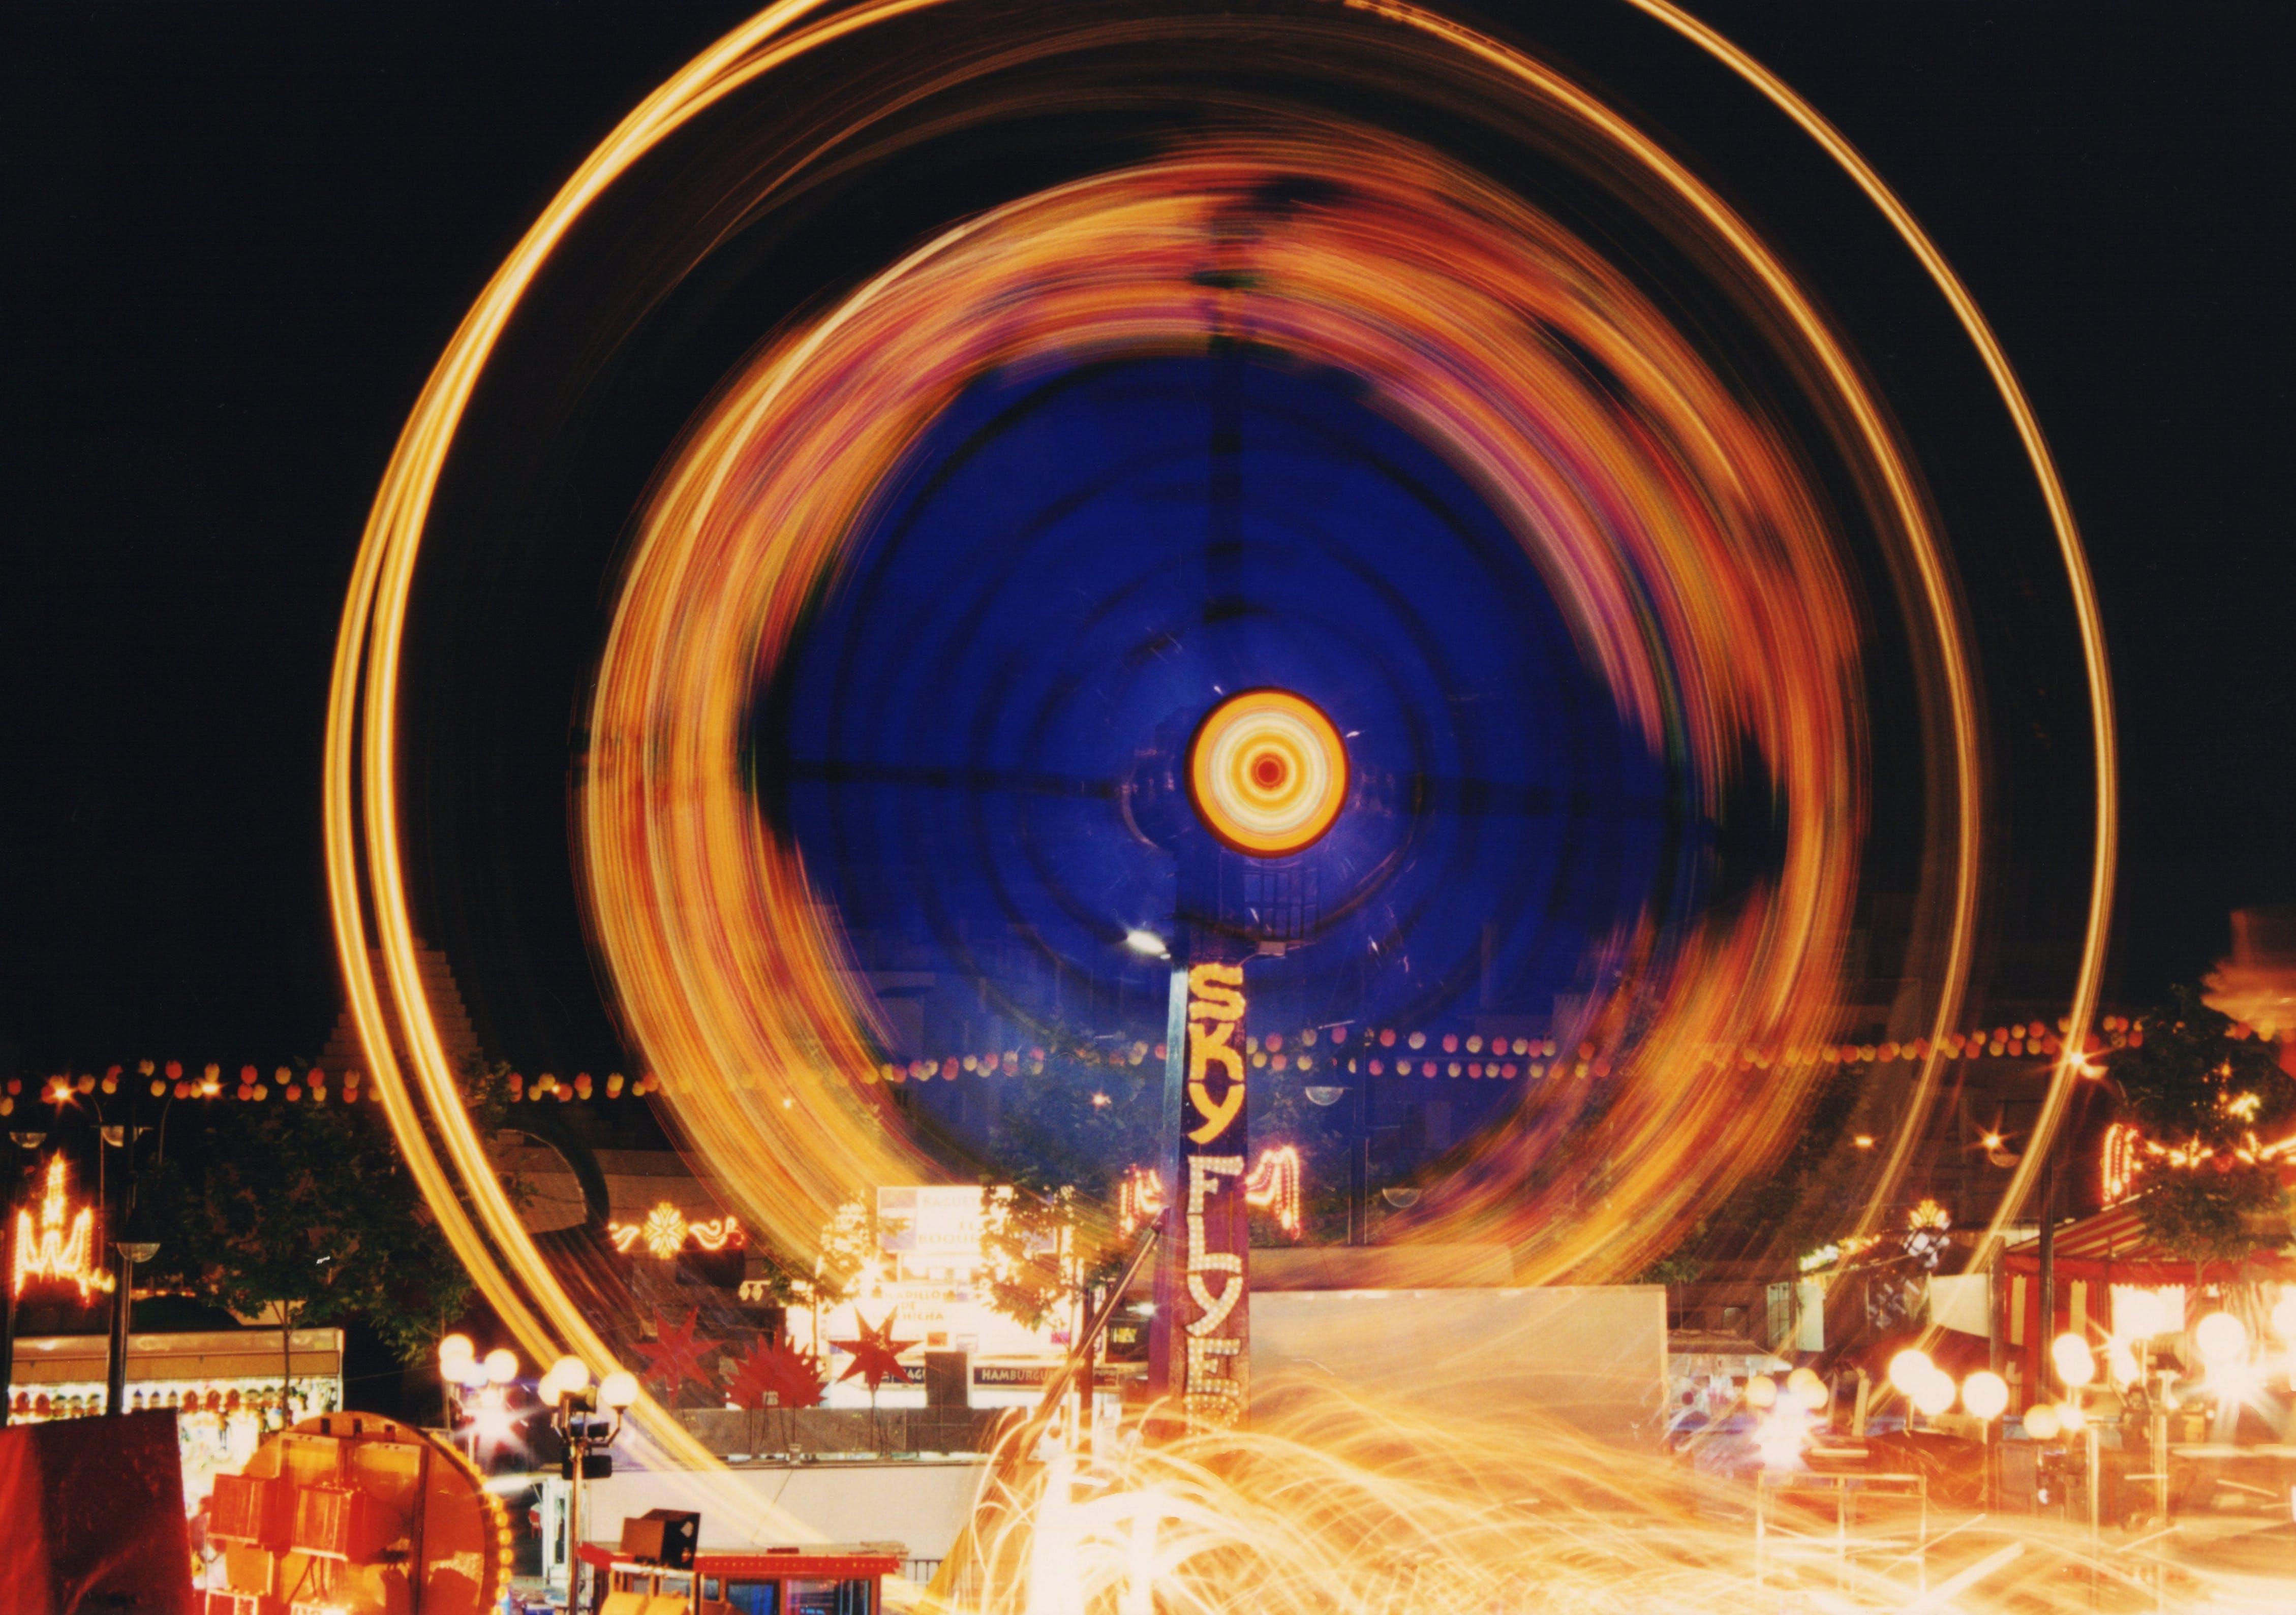 Gratis arkivbilde med bevegelse, feiring, festival, hastighet